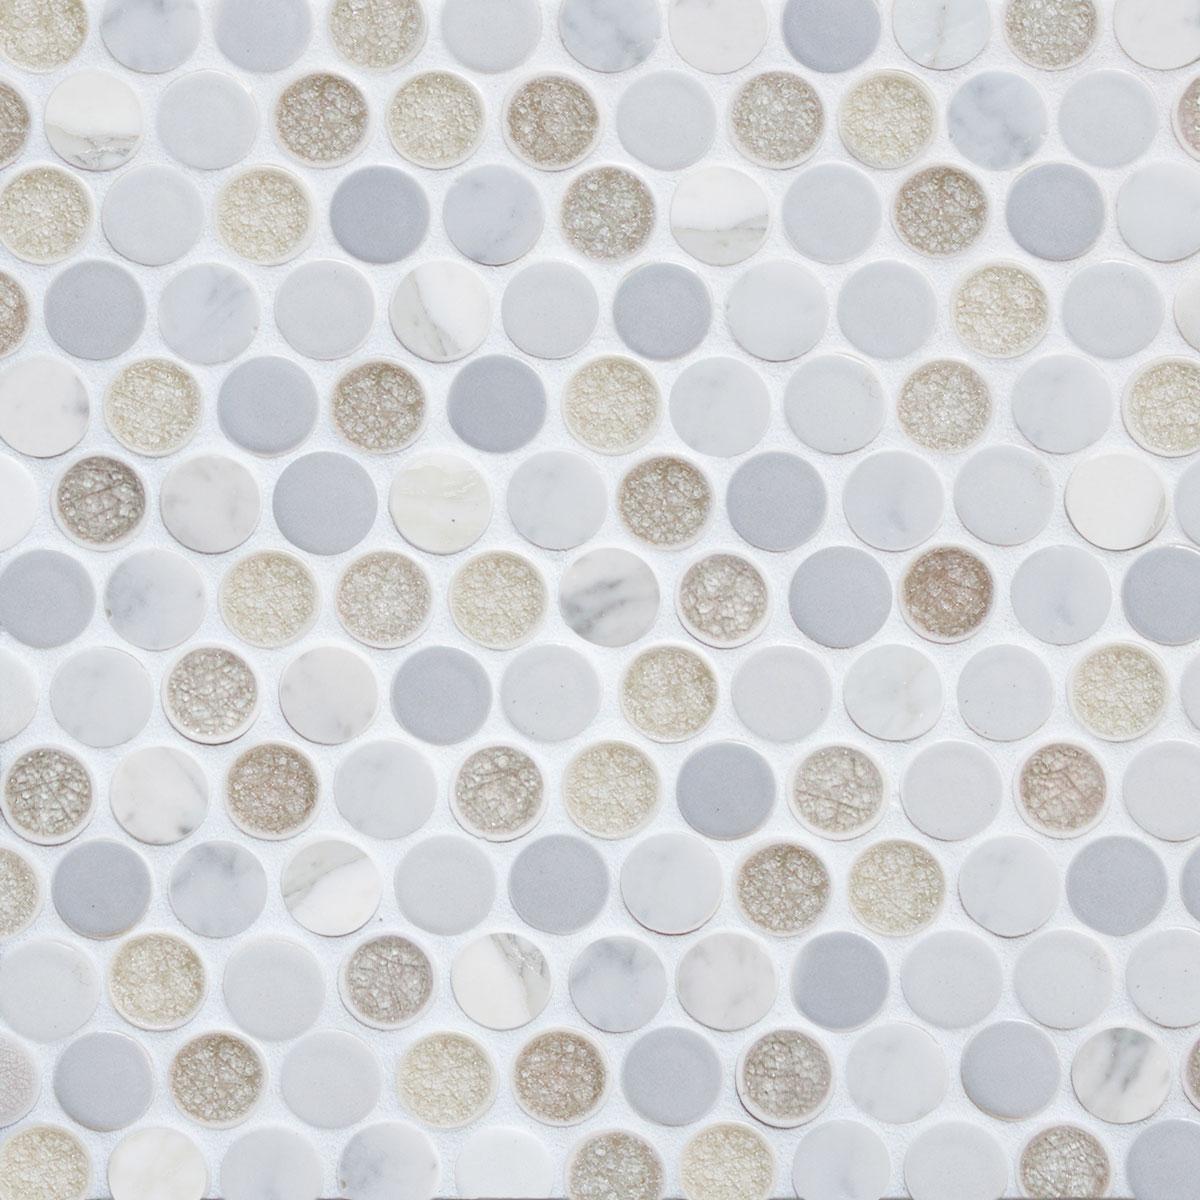 circles mini mosaic encore ceramics. Black Bedroom Furniture Sets. Home Design Ideas